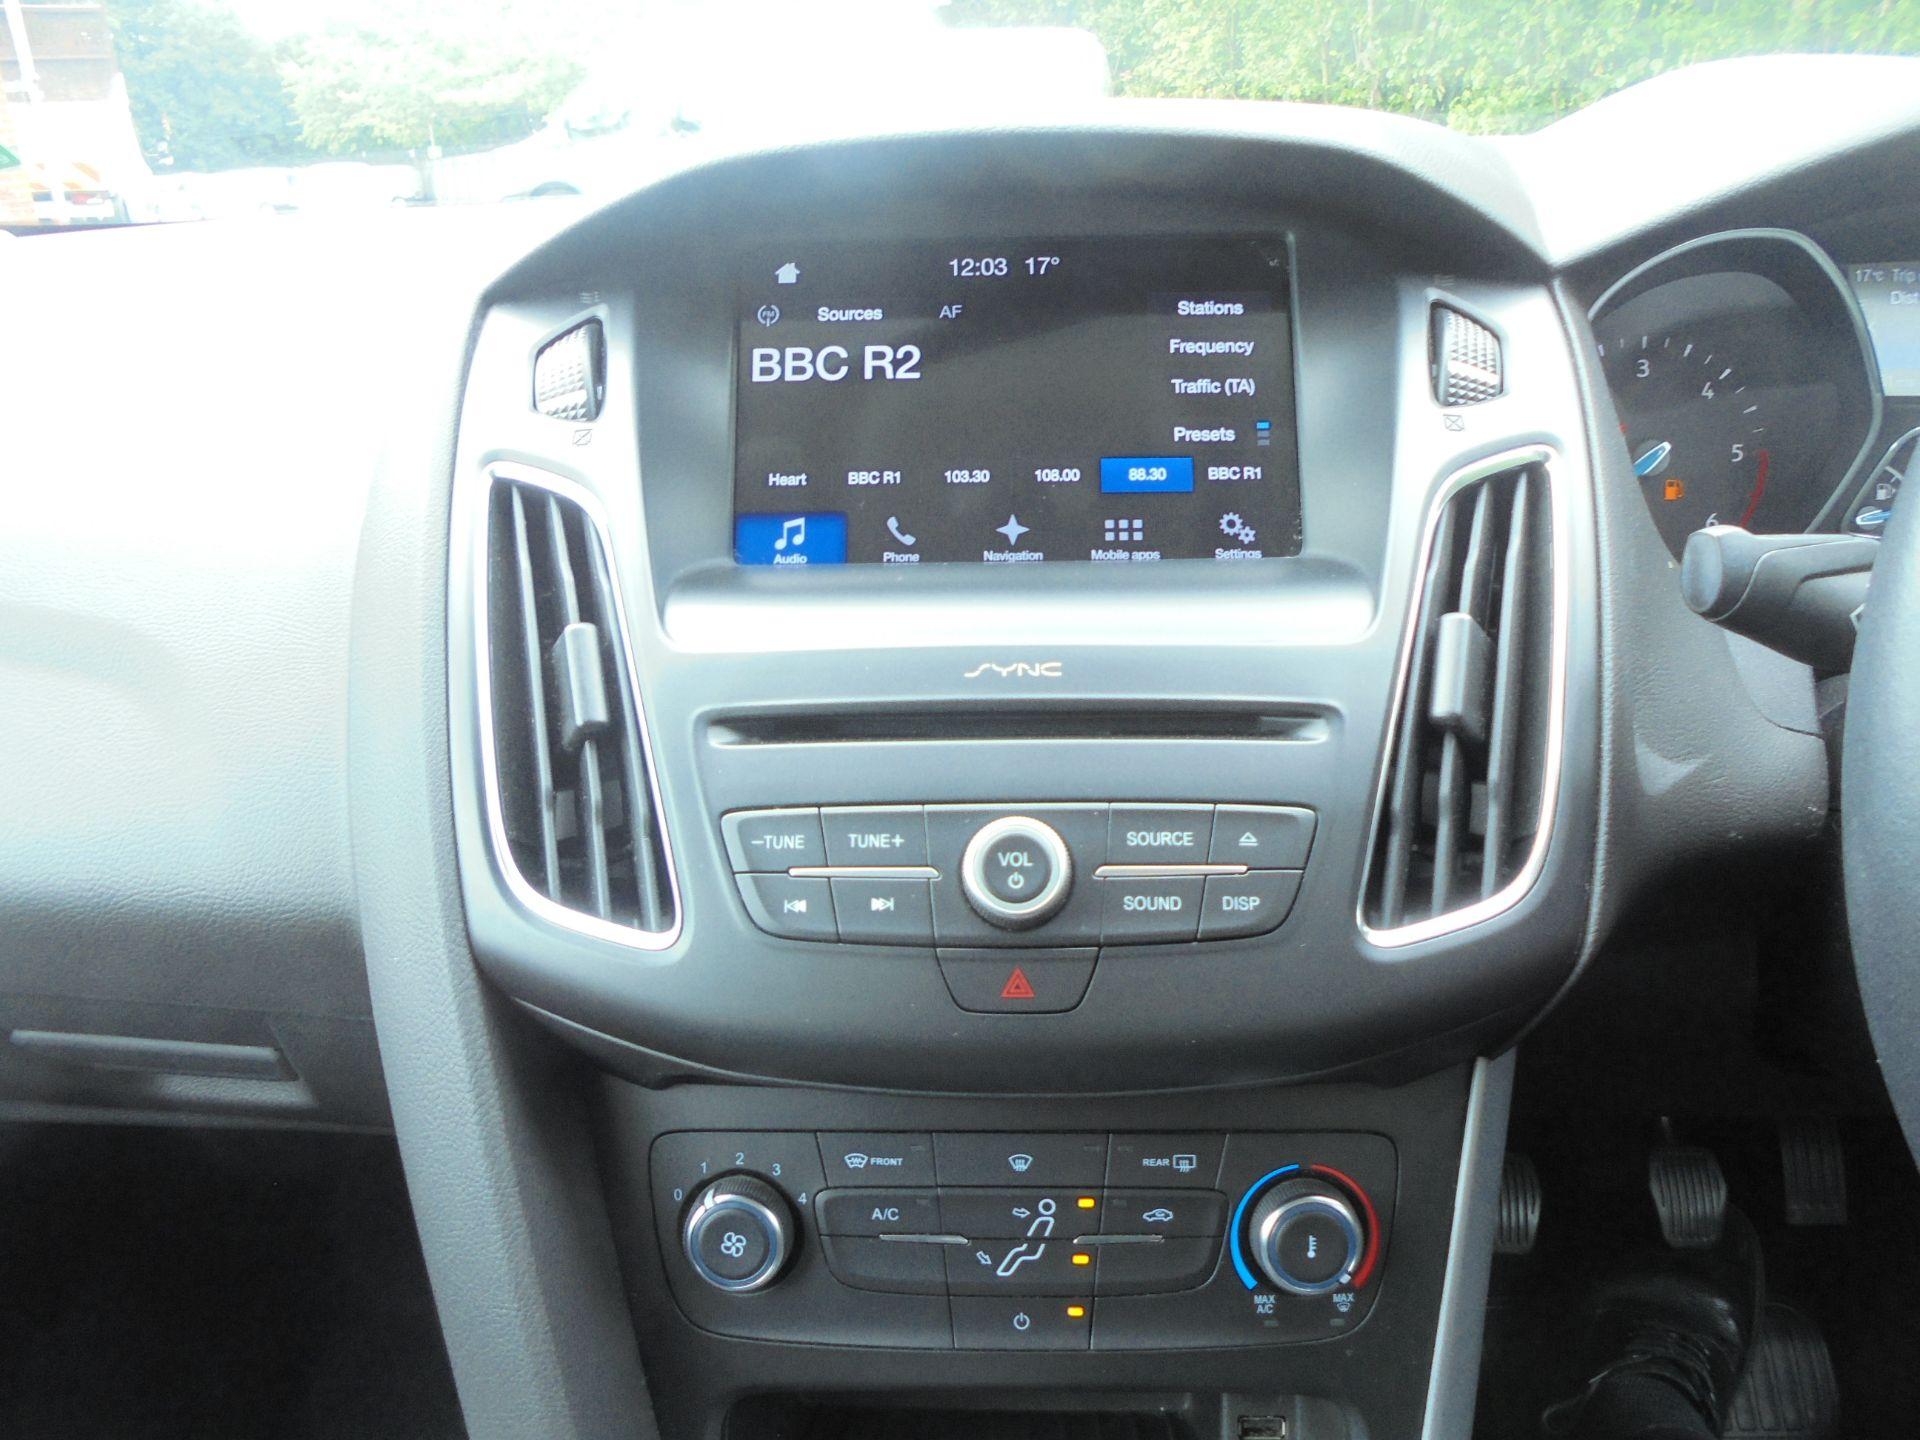 2017 Ford Focus 1.5 Tdci 120 Zetec Edition 5Dr (FM17VTX) Image 14